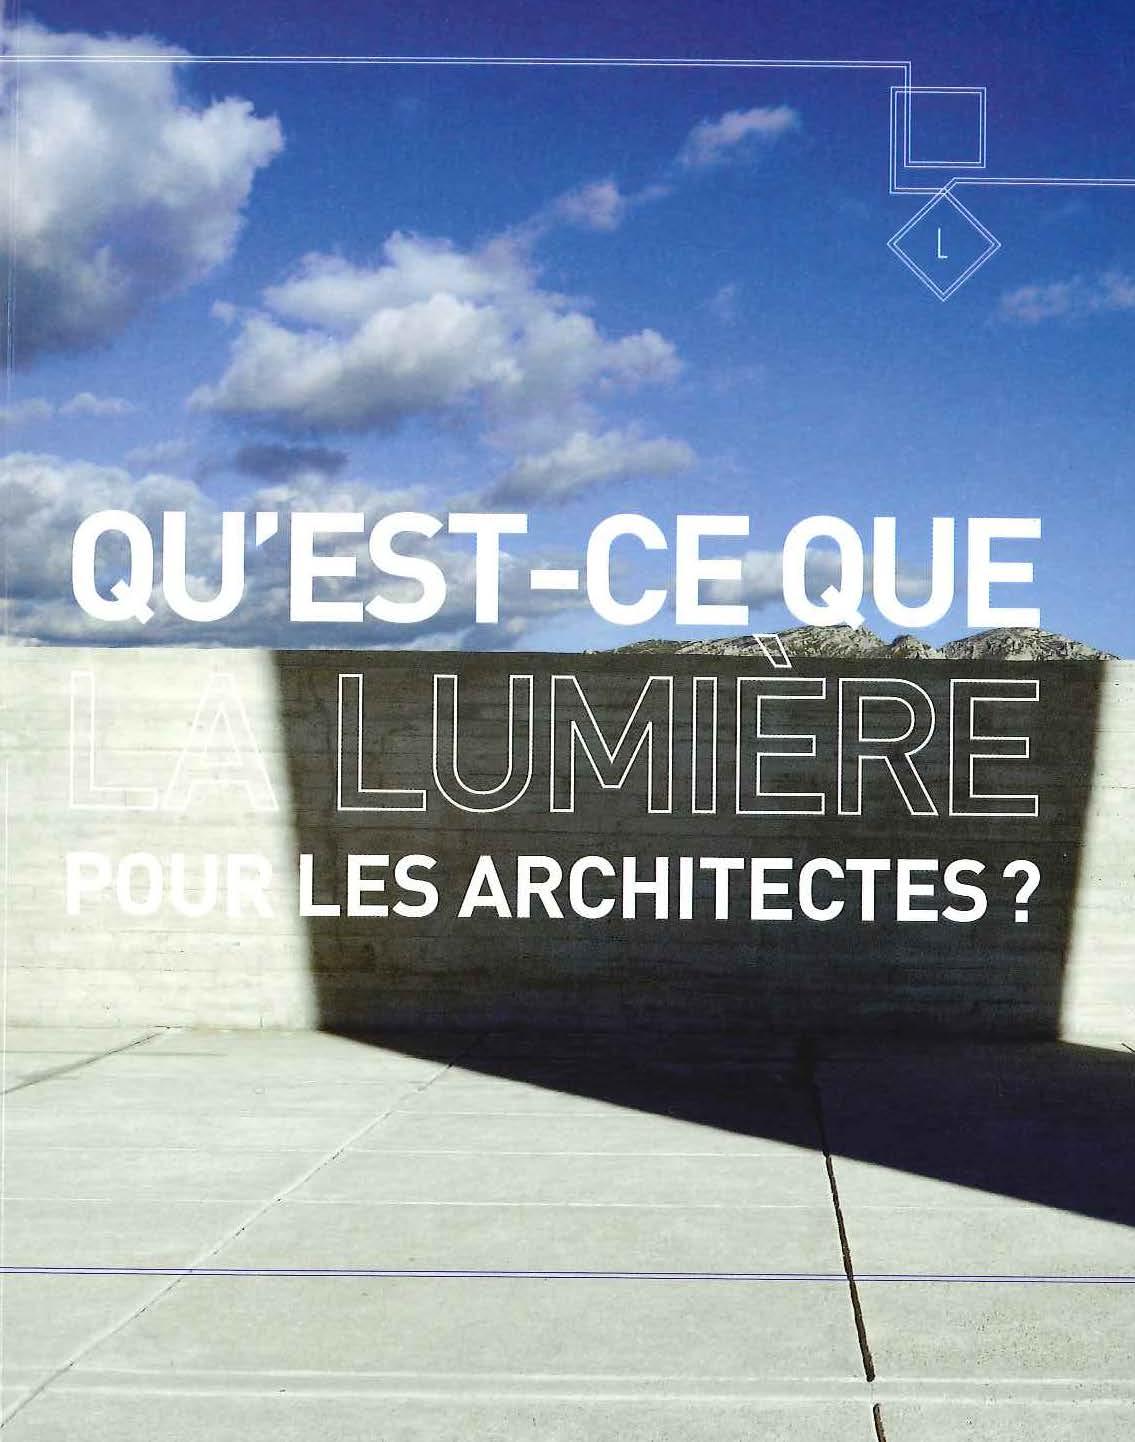 Qu'est-ce que la lumière pour les architectes?